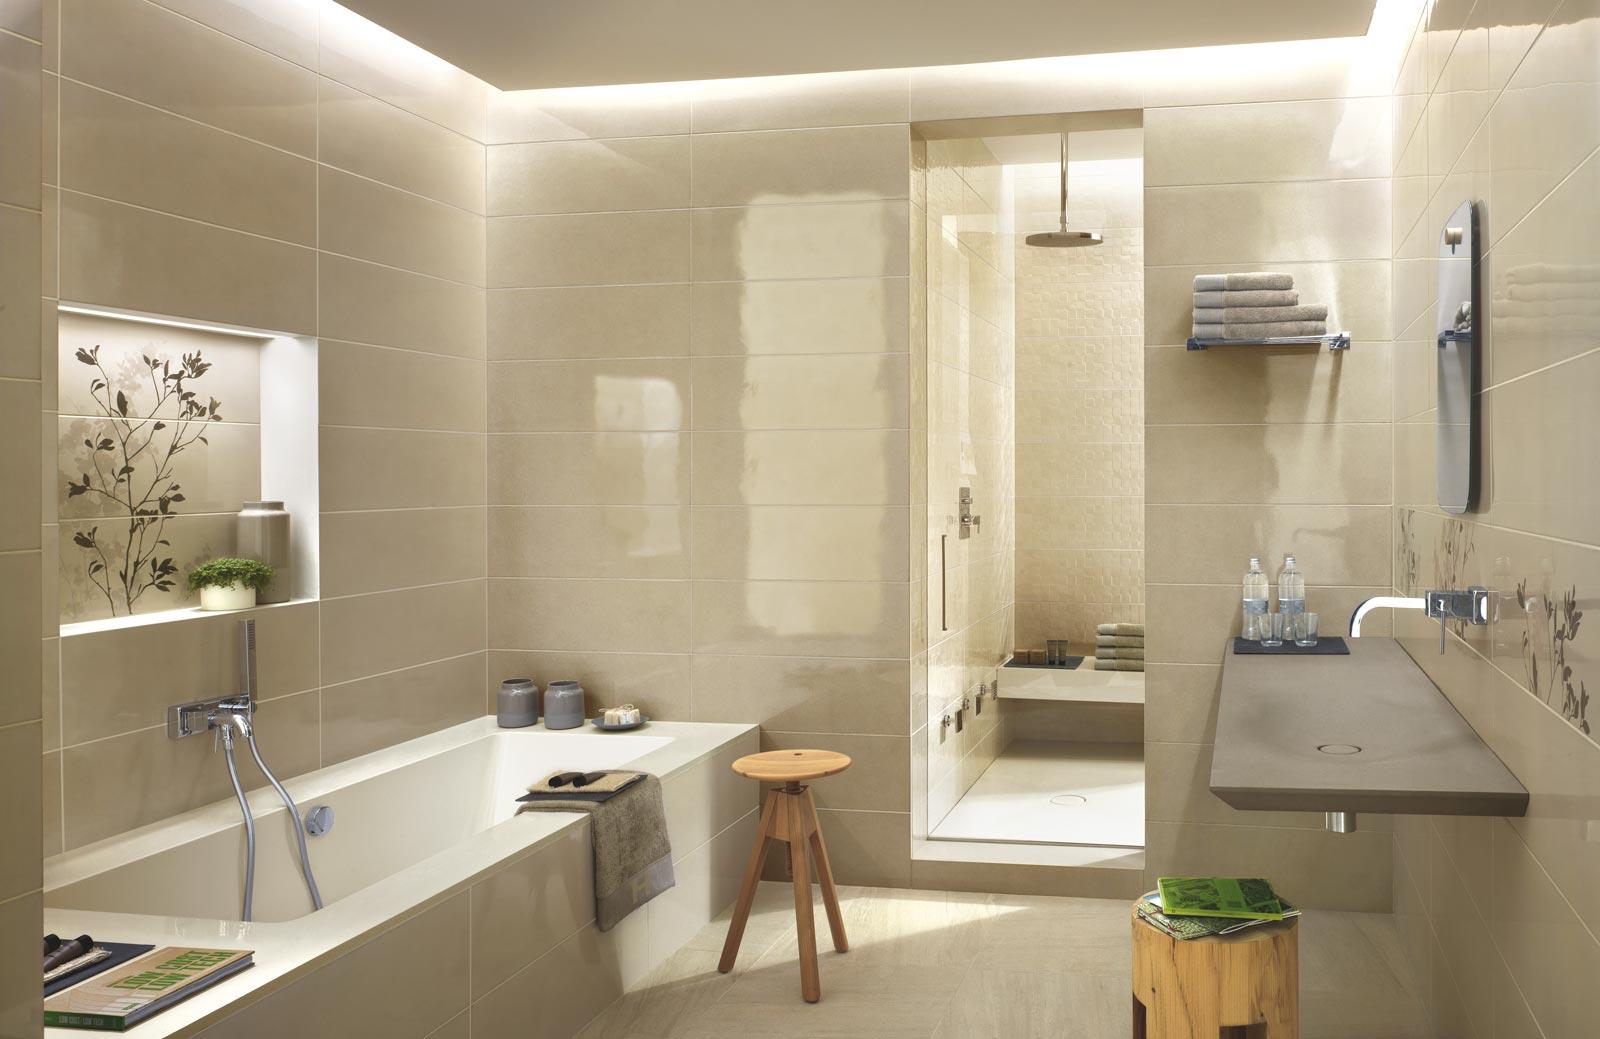 Collezione handmade rivestimenti bagno effetto lucido ragno - Piastrelle mosaico bagno marazzi ...